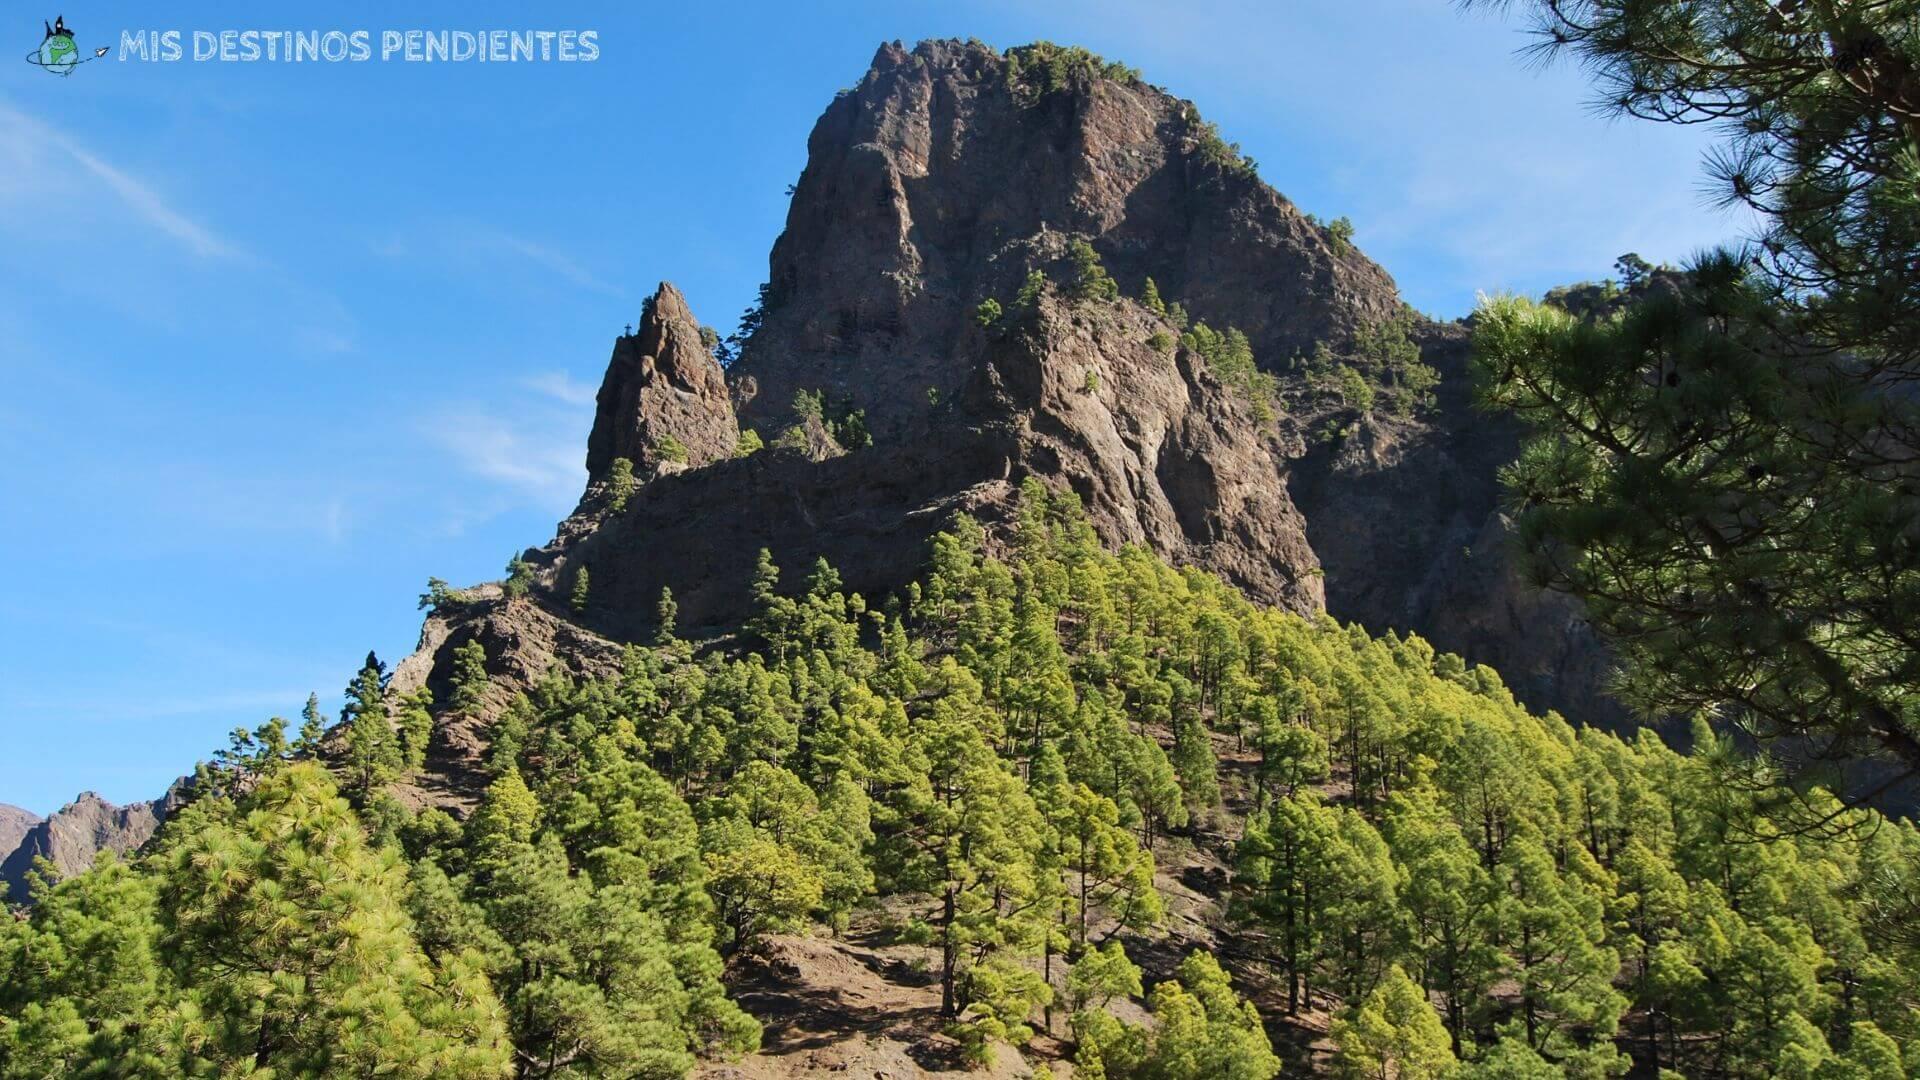 Parque Nacional de la Caldera de Taburiente: 5 cosas que no te puedes perder